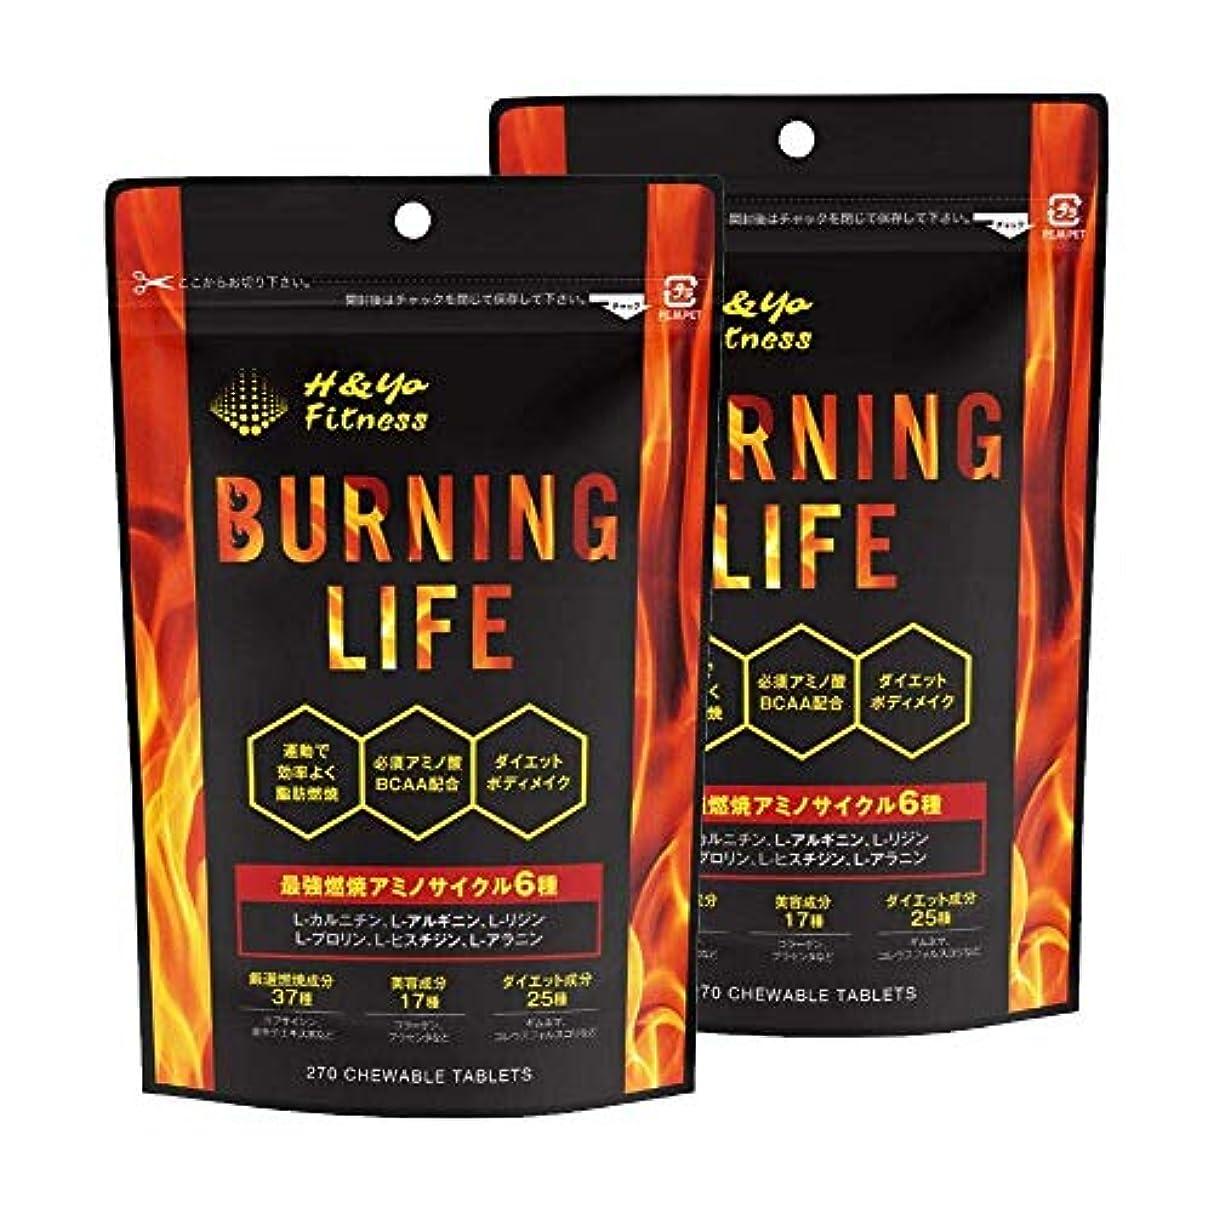 計画永続ボアBURNING LIFE 燃焼系ダイエットサプリ L-カルニチン 必須アミノ酸BCAA配合 運動時の燃焼を強力サポート 270粒 (2か月分)